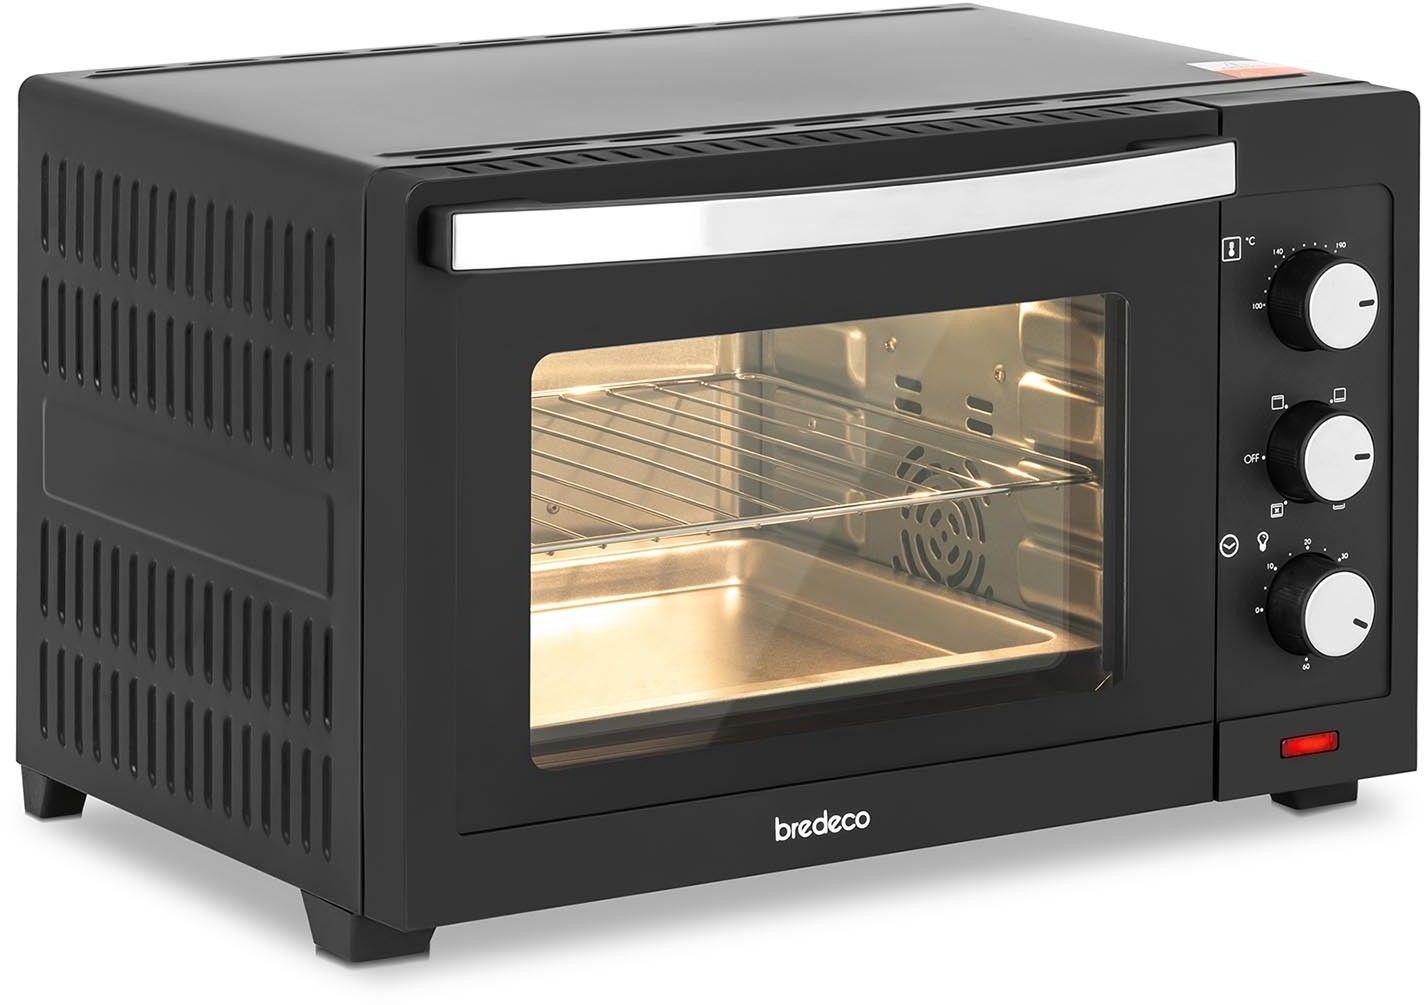 Piekarnik elektryczny - 1600 W - 30 l - bredeco - BCMO-30L - 3 lata gwarancji/wysyłka w 24h